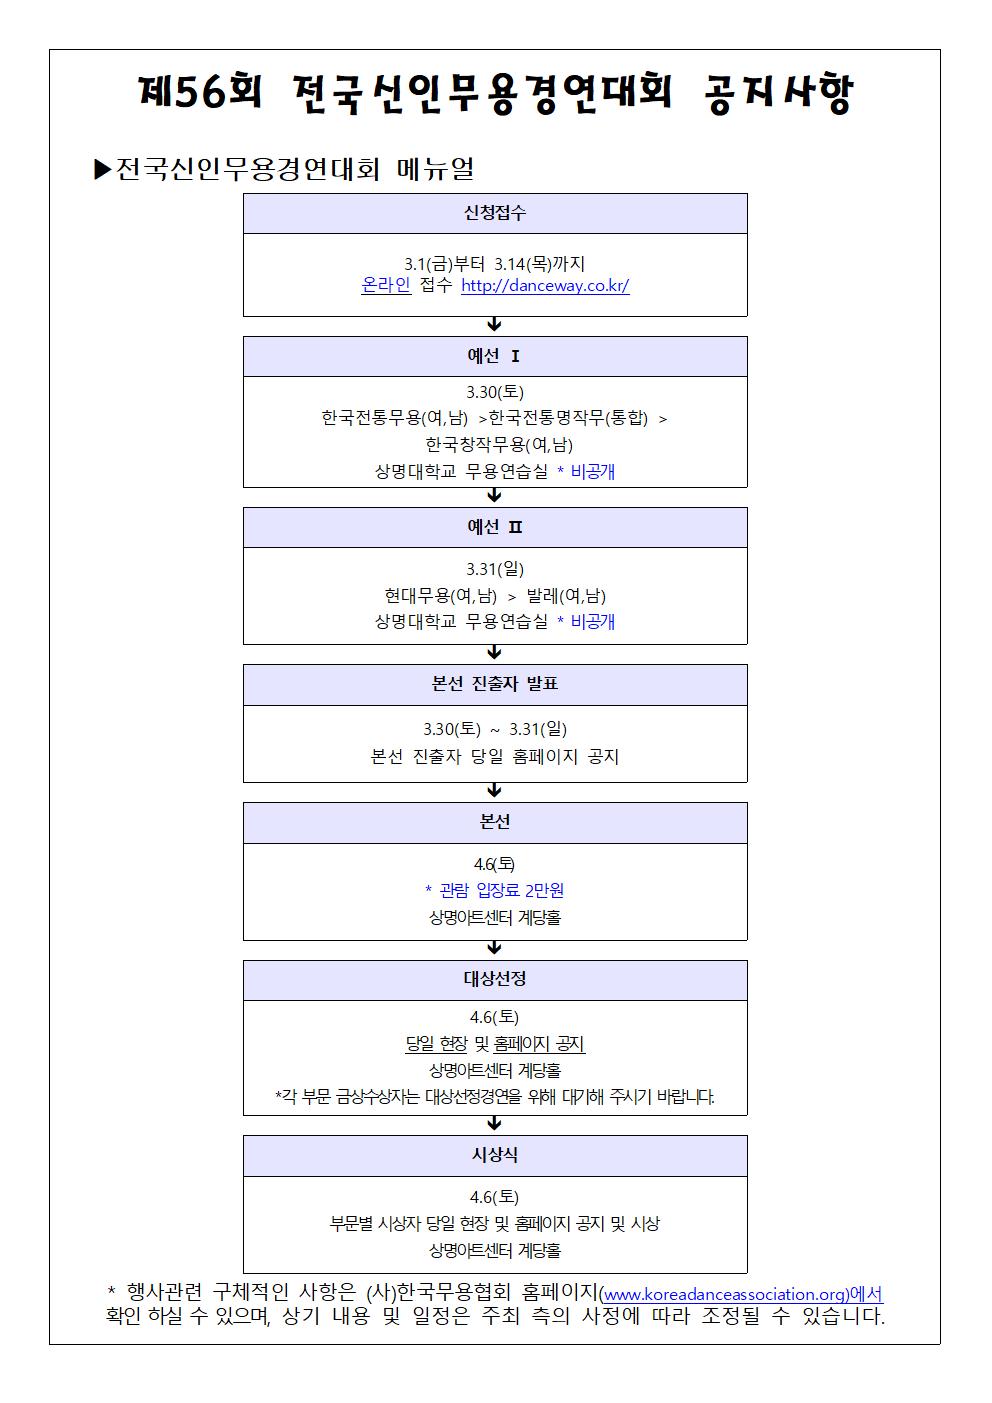 제56회 신인 예선,본선 순서추첨 안내_공고001.png